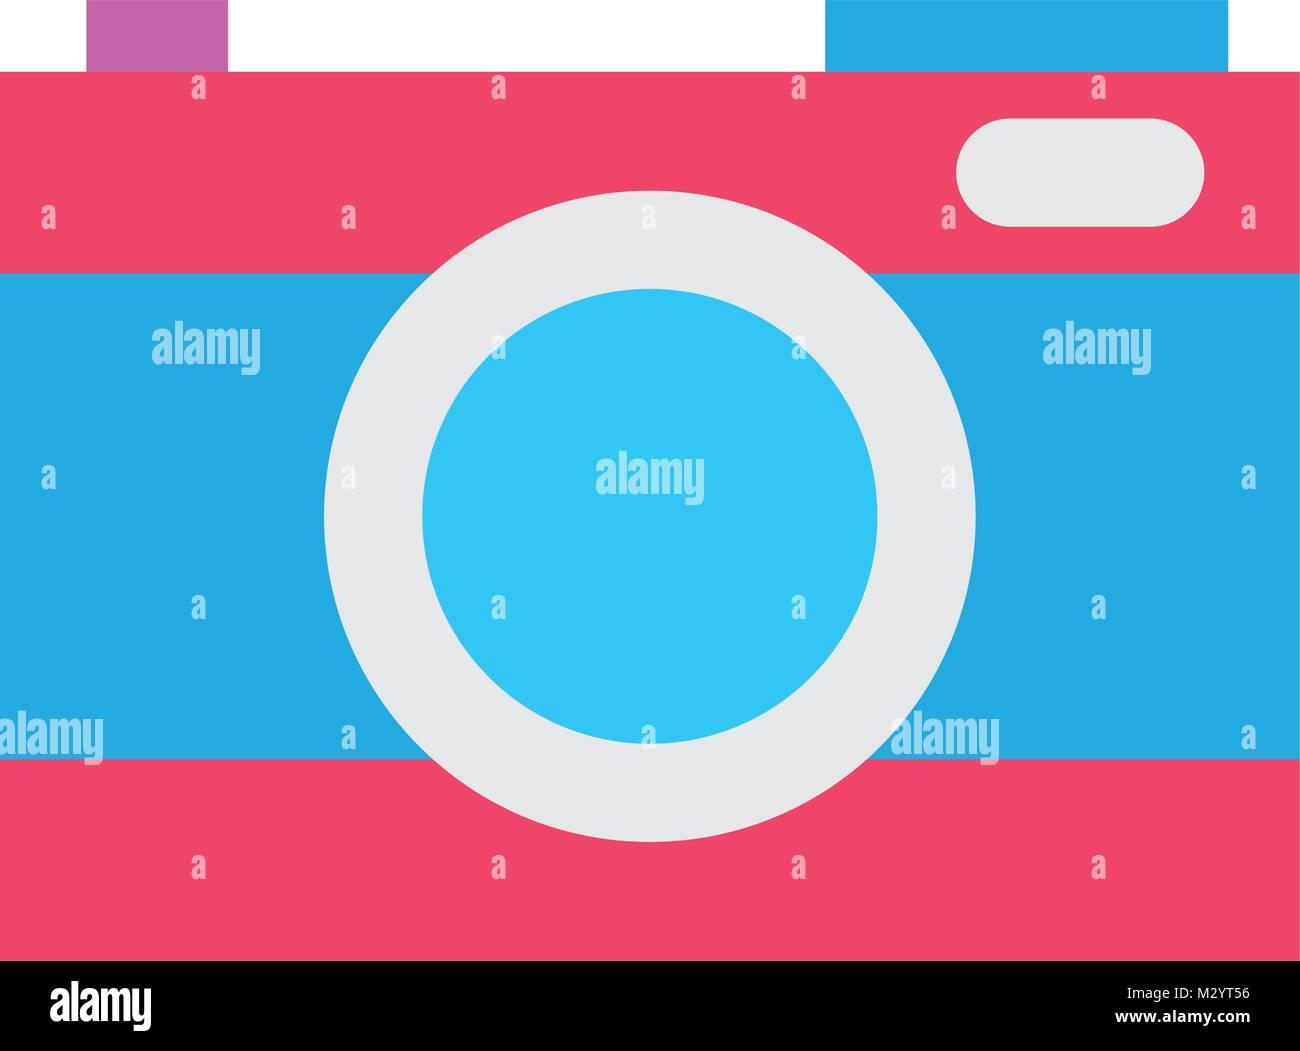 La technologie de l'appareil photo numérique couleur de concentrer l'équipement Illustration de Vecteur